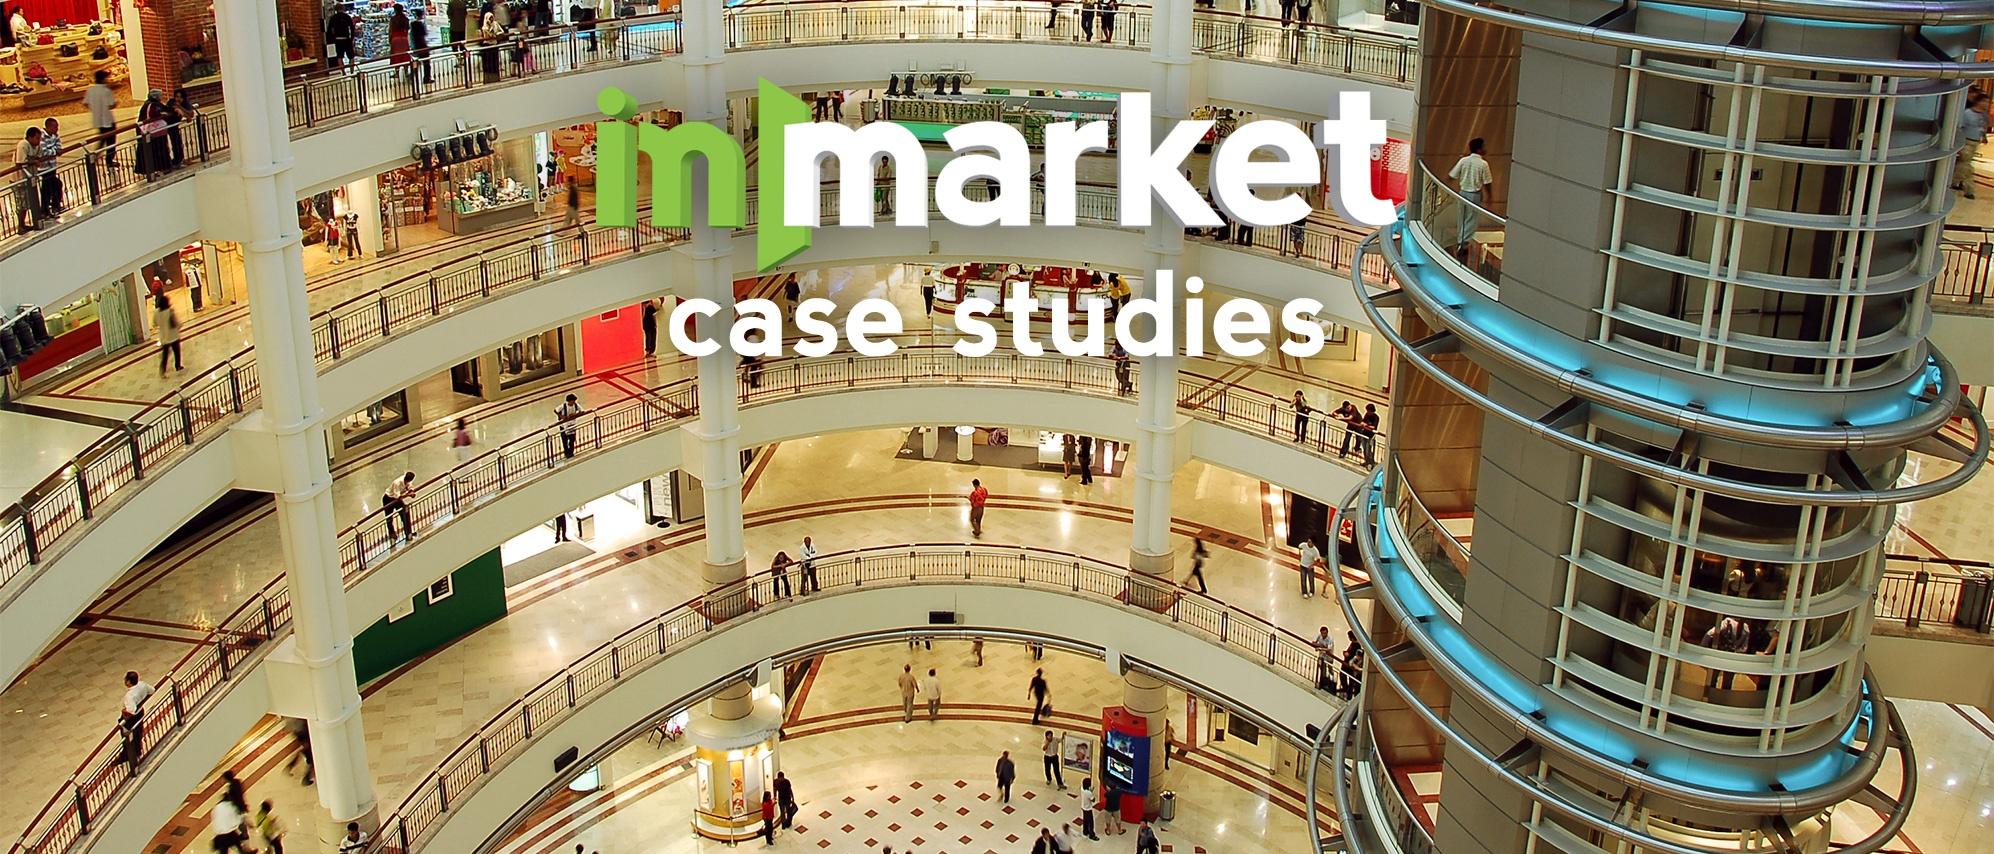 inmarketcase-studies.jpg